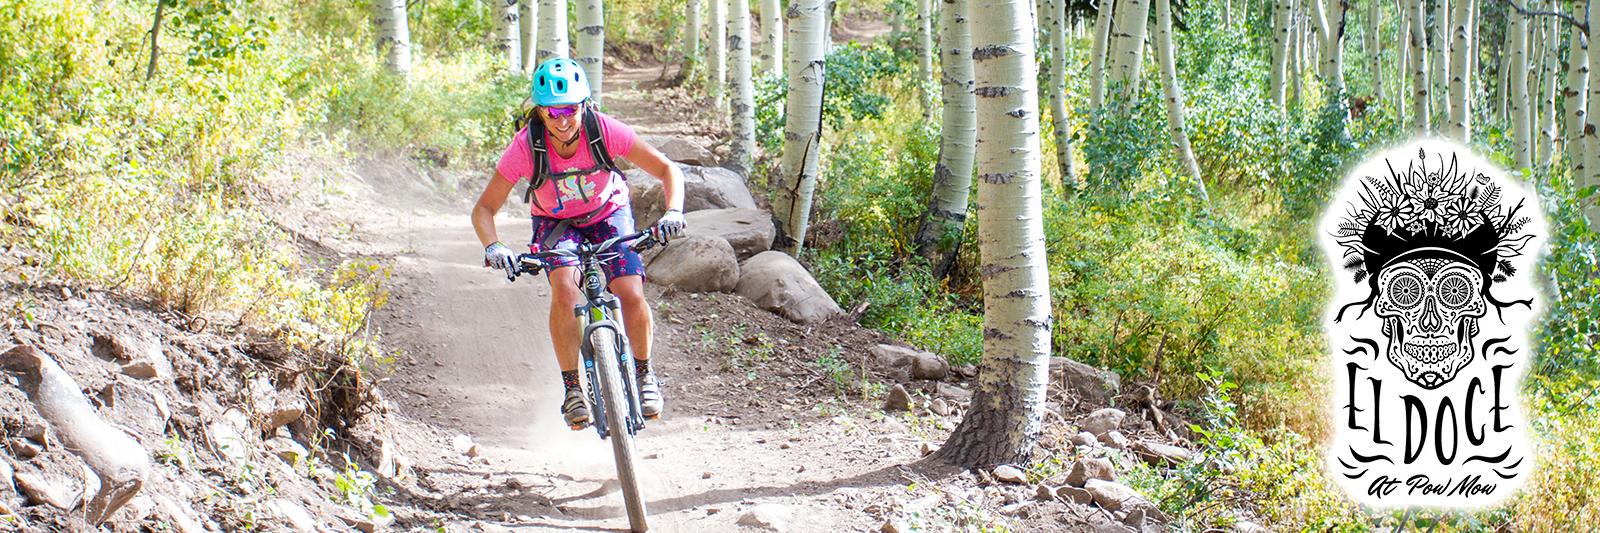 mountain biking in ogden valley